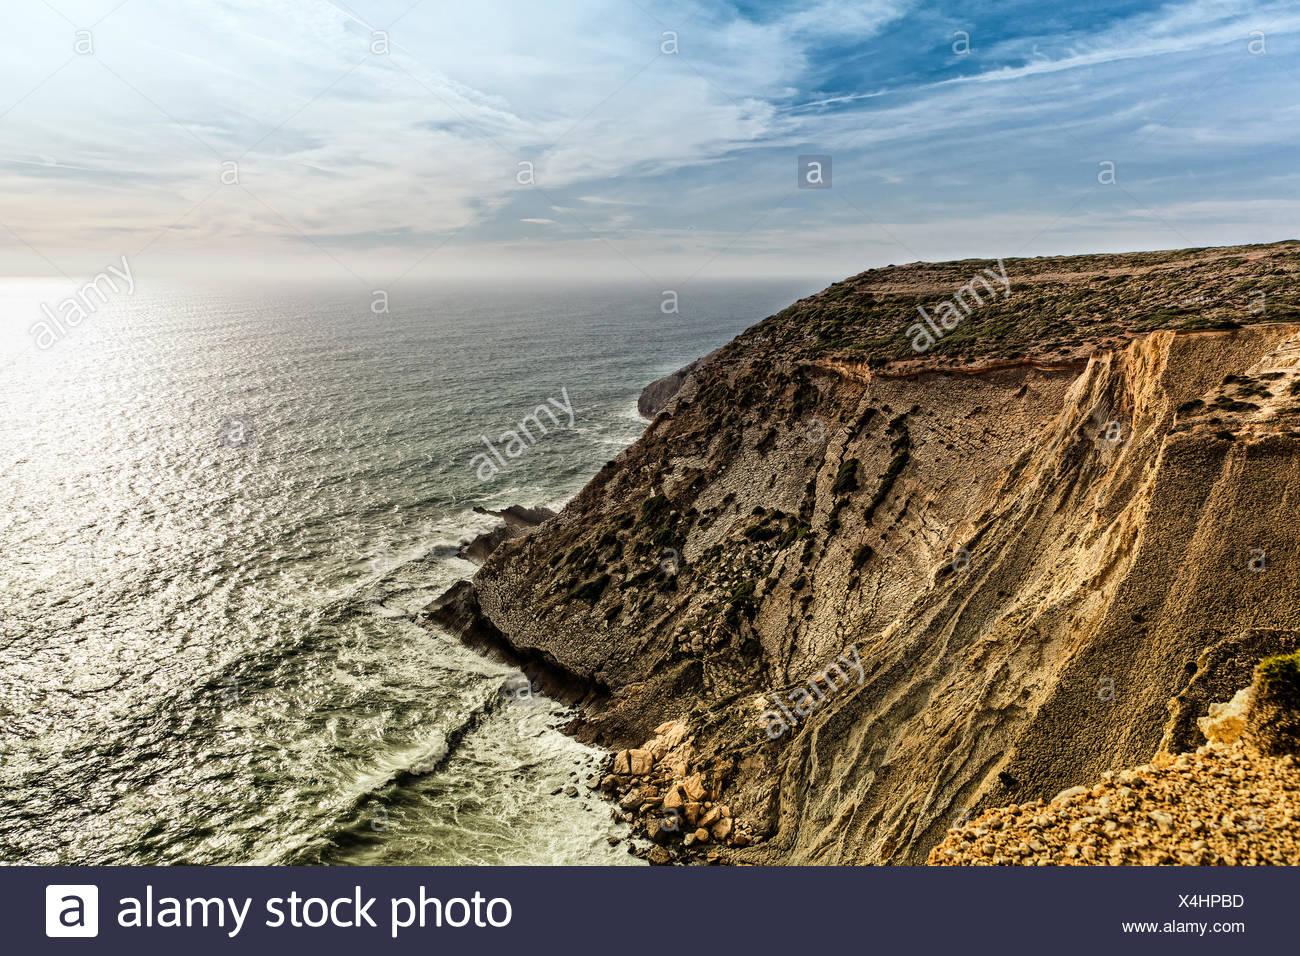 Portuguese Coastline. - Stock Image